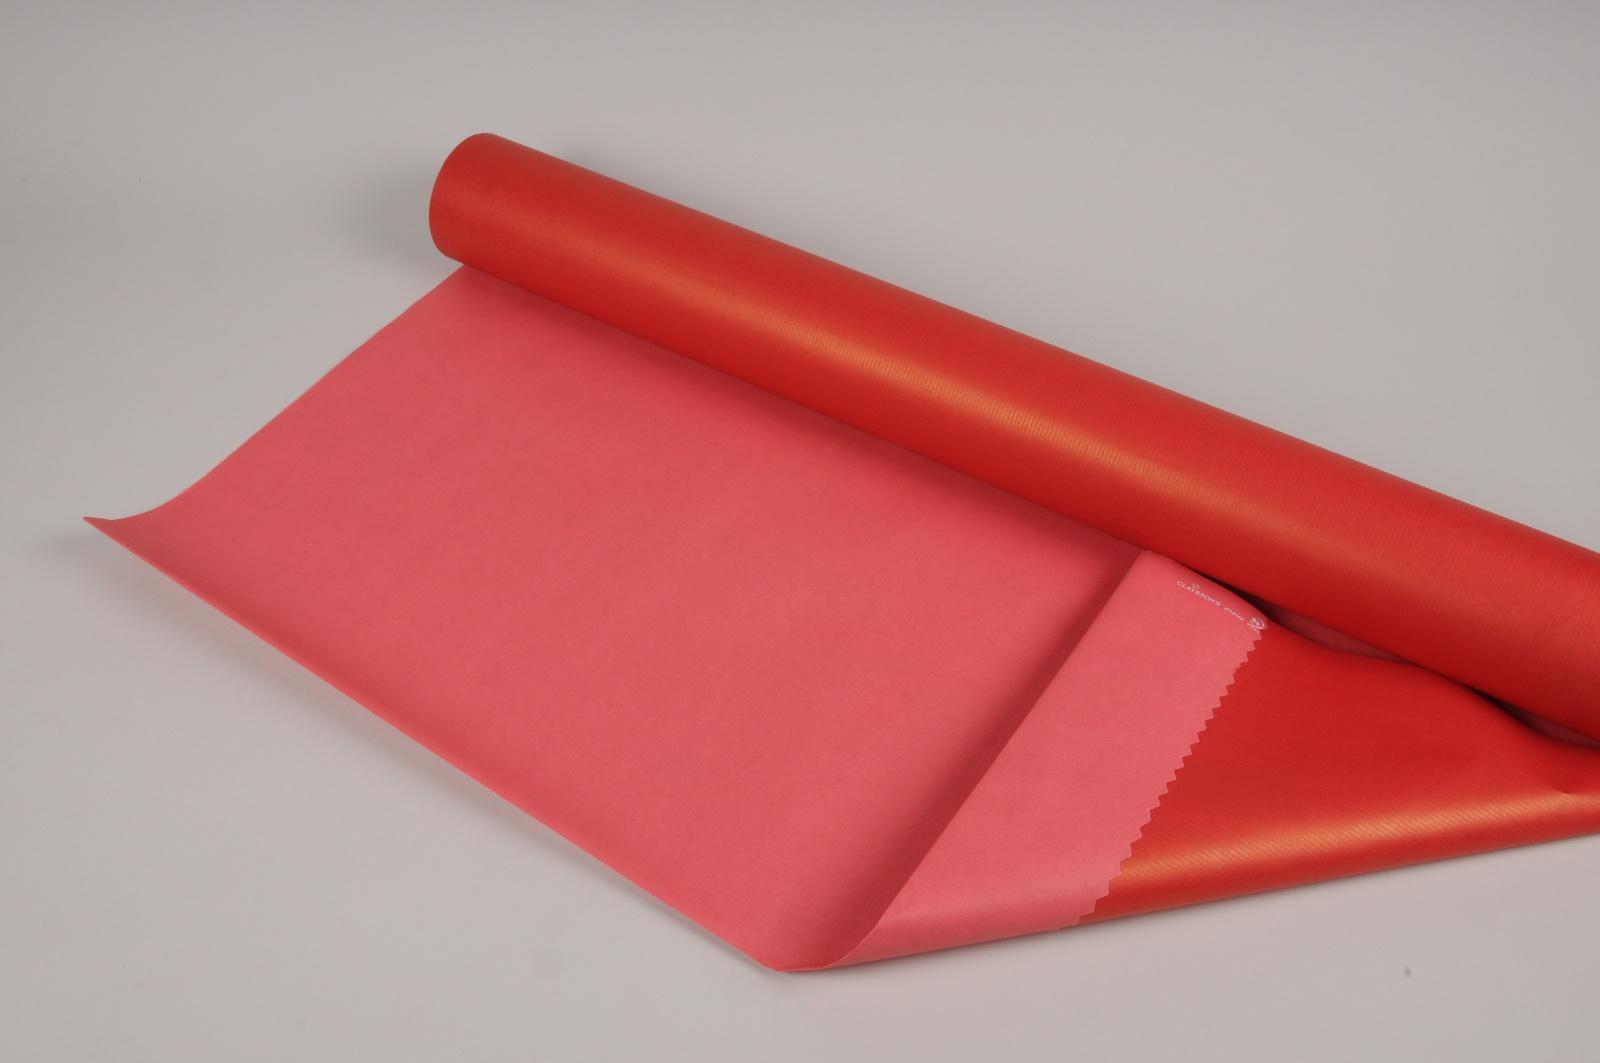 B135QX Rouleau de papier kraft rouge 80cmx40m